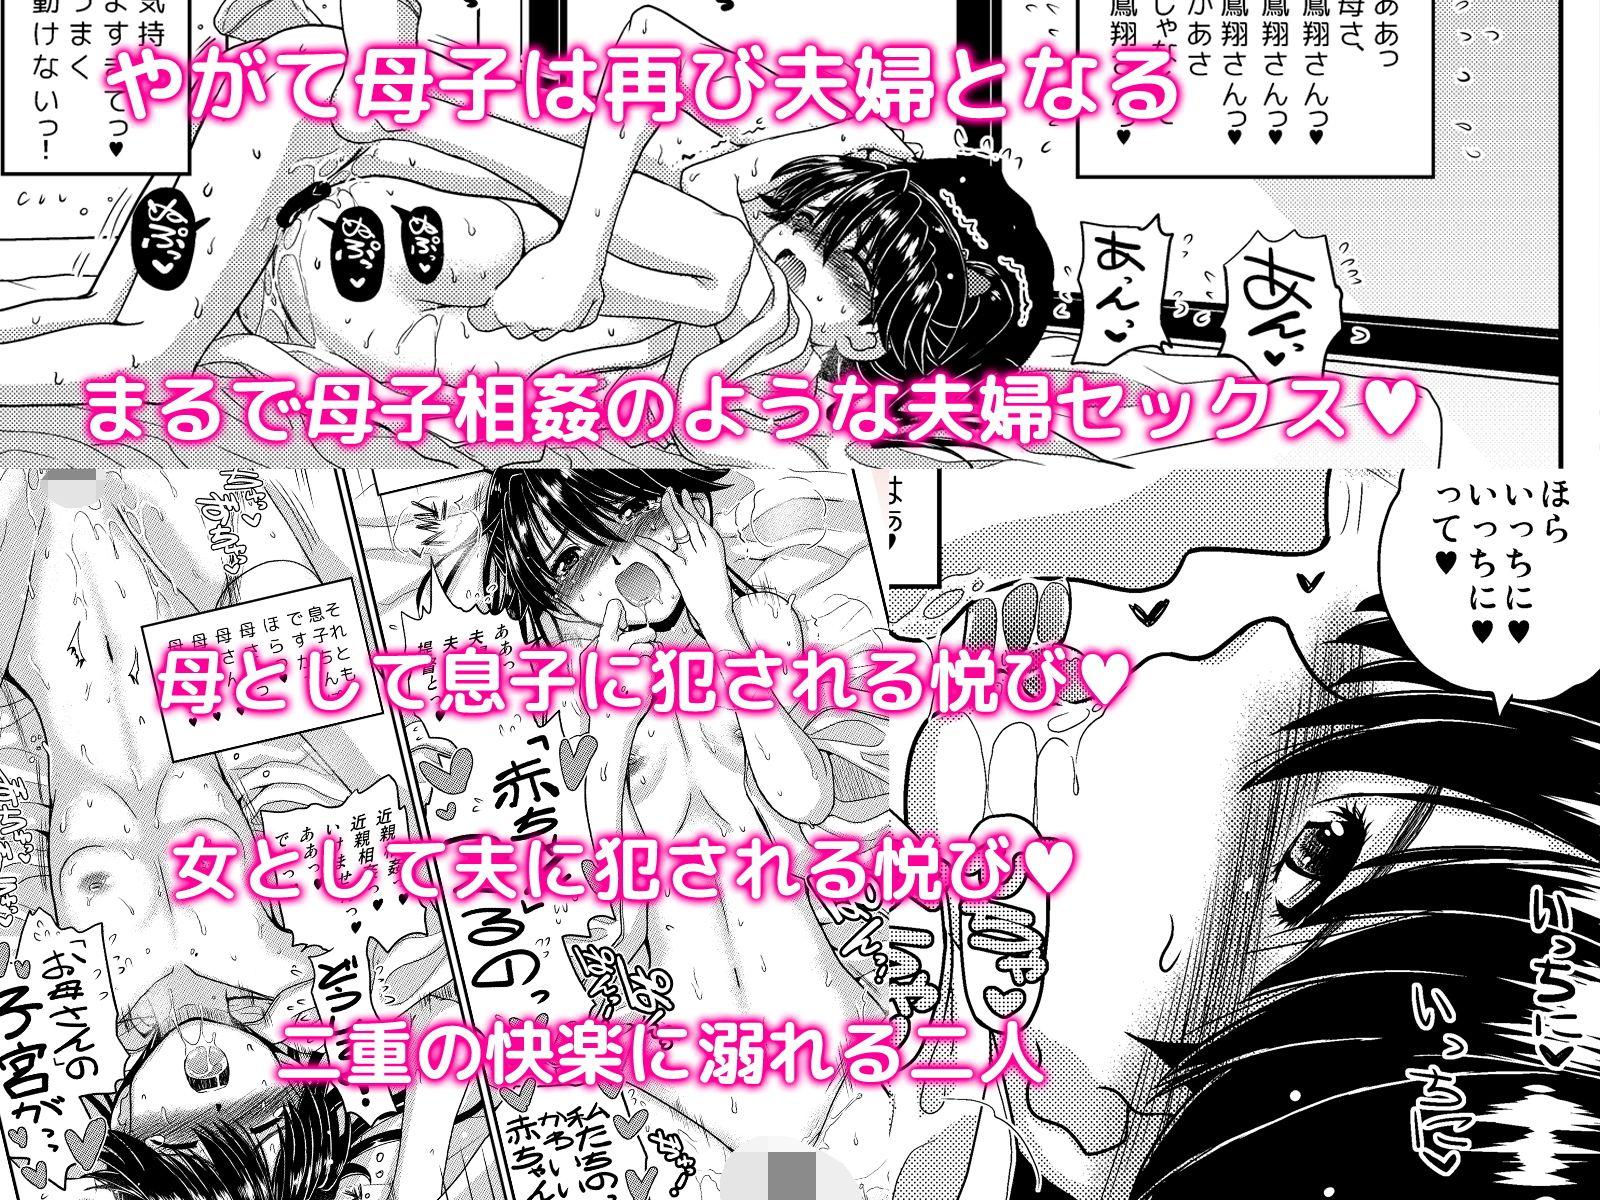 処女のまま未亡人となった鳳翔さんが夫のクローンを産み、育て、そして… 【作品ネタバレ】